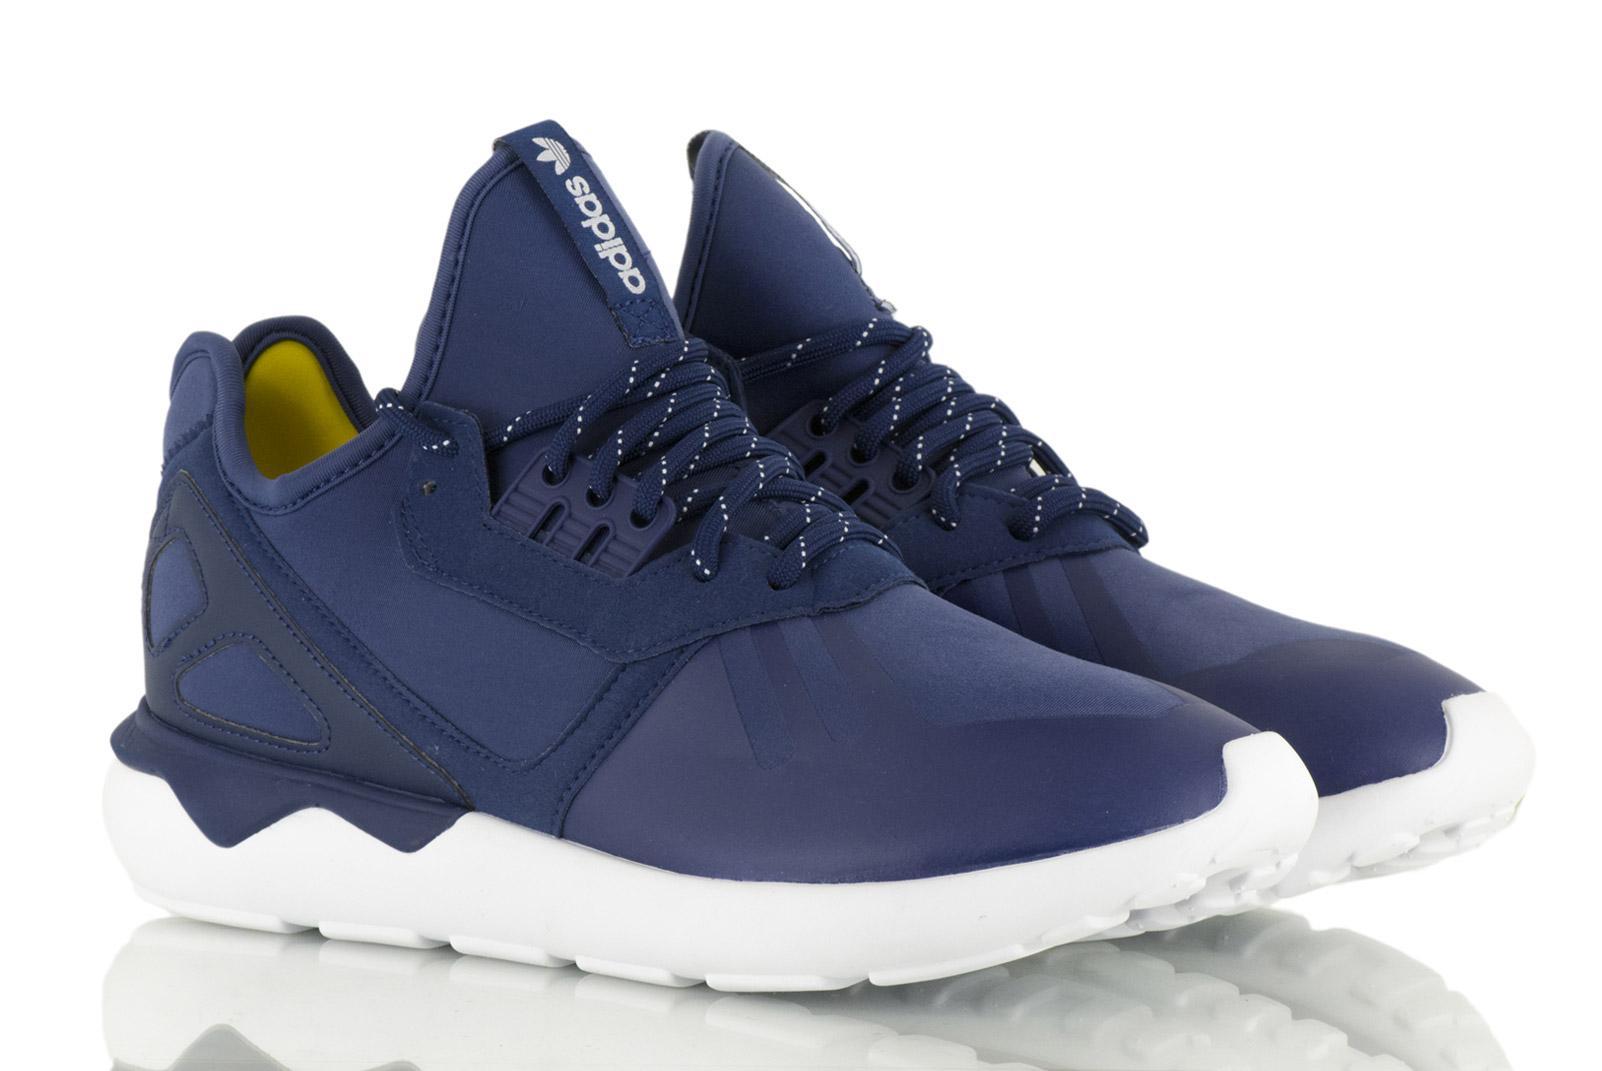 Adidas Tubular Runner S81507 NOWE TRÓJMIASTO 44 6824193308